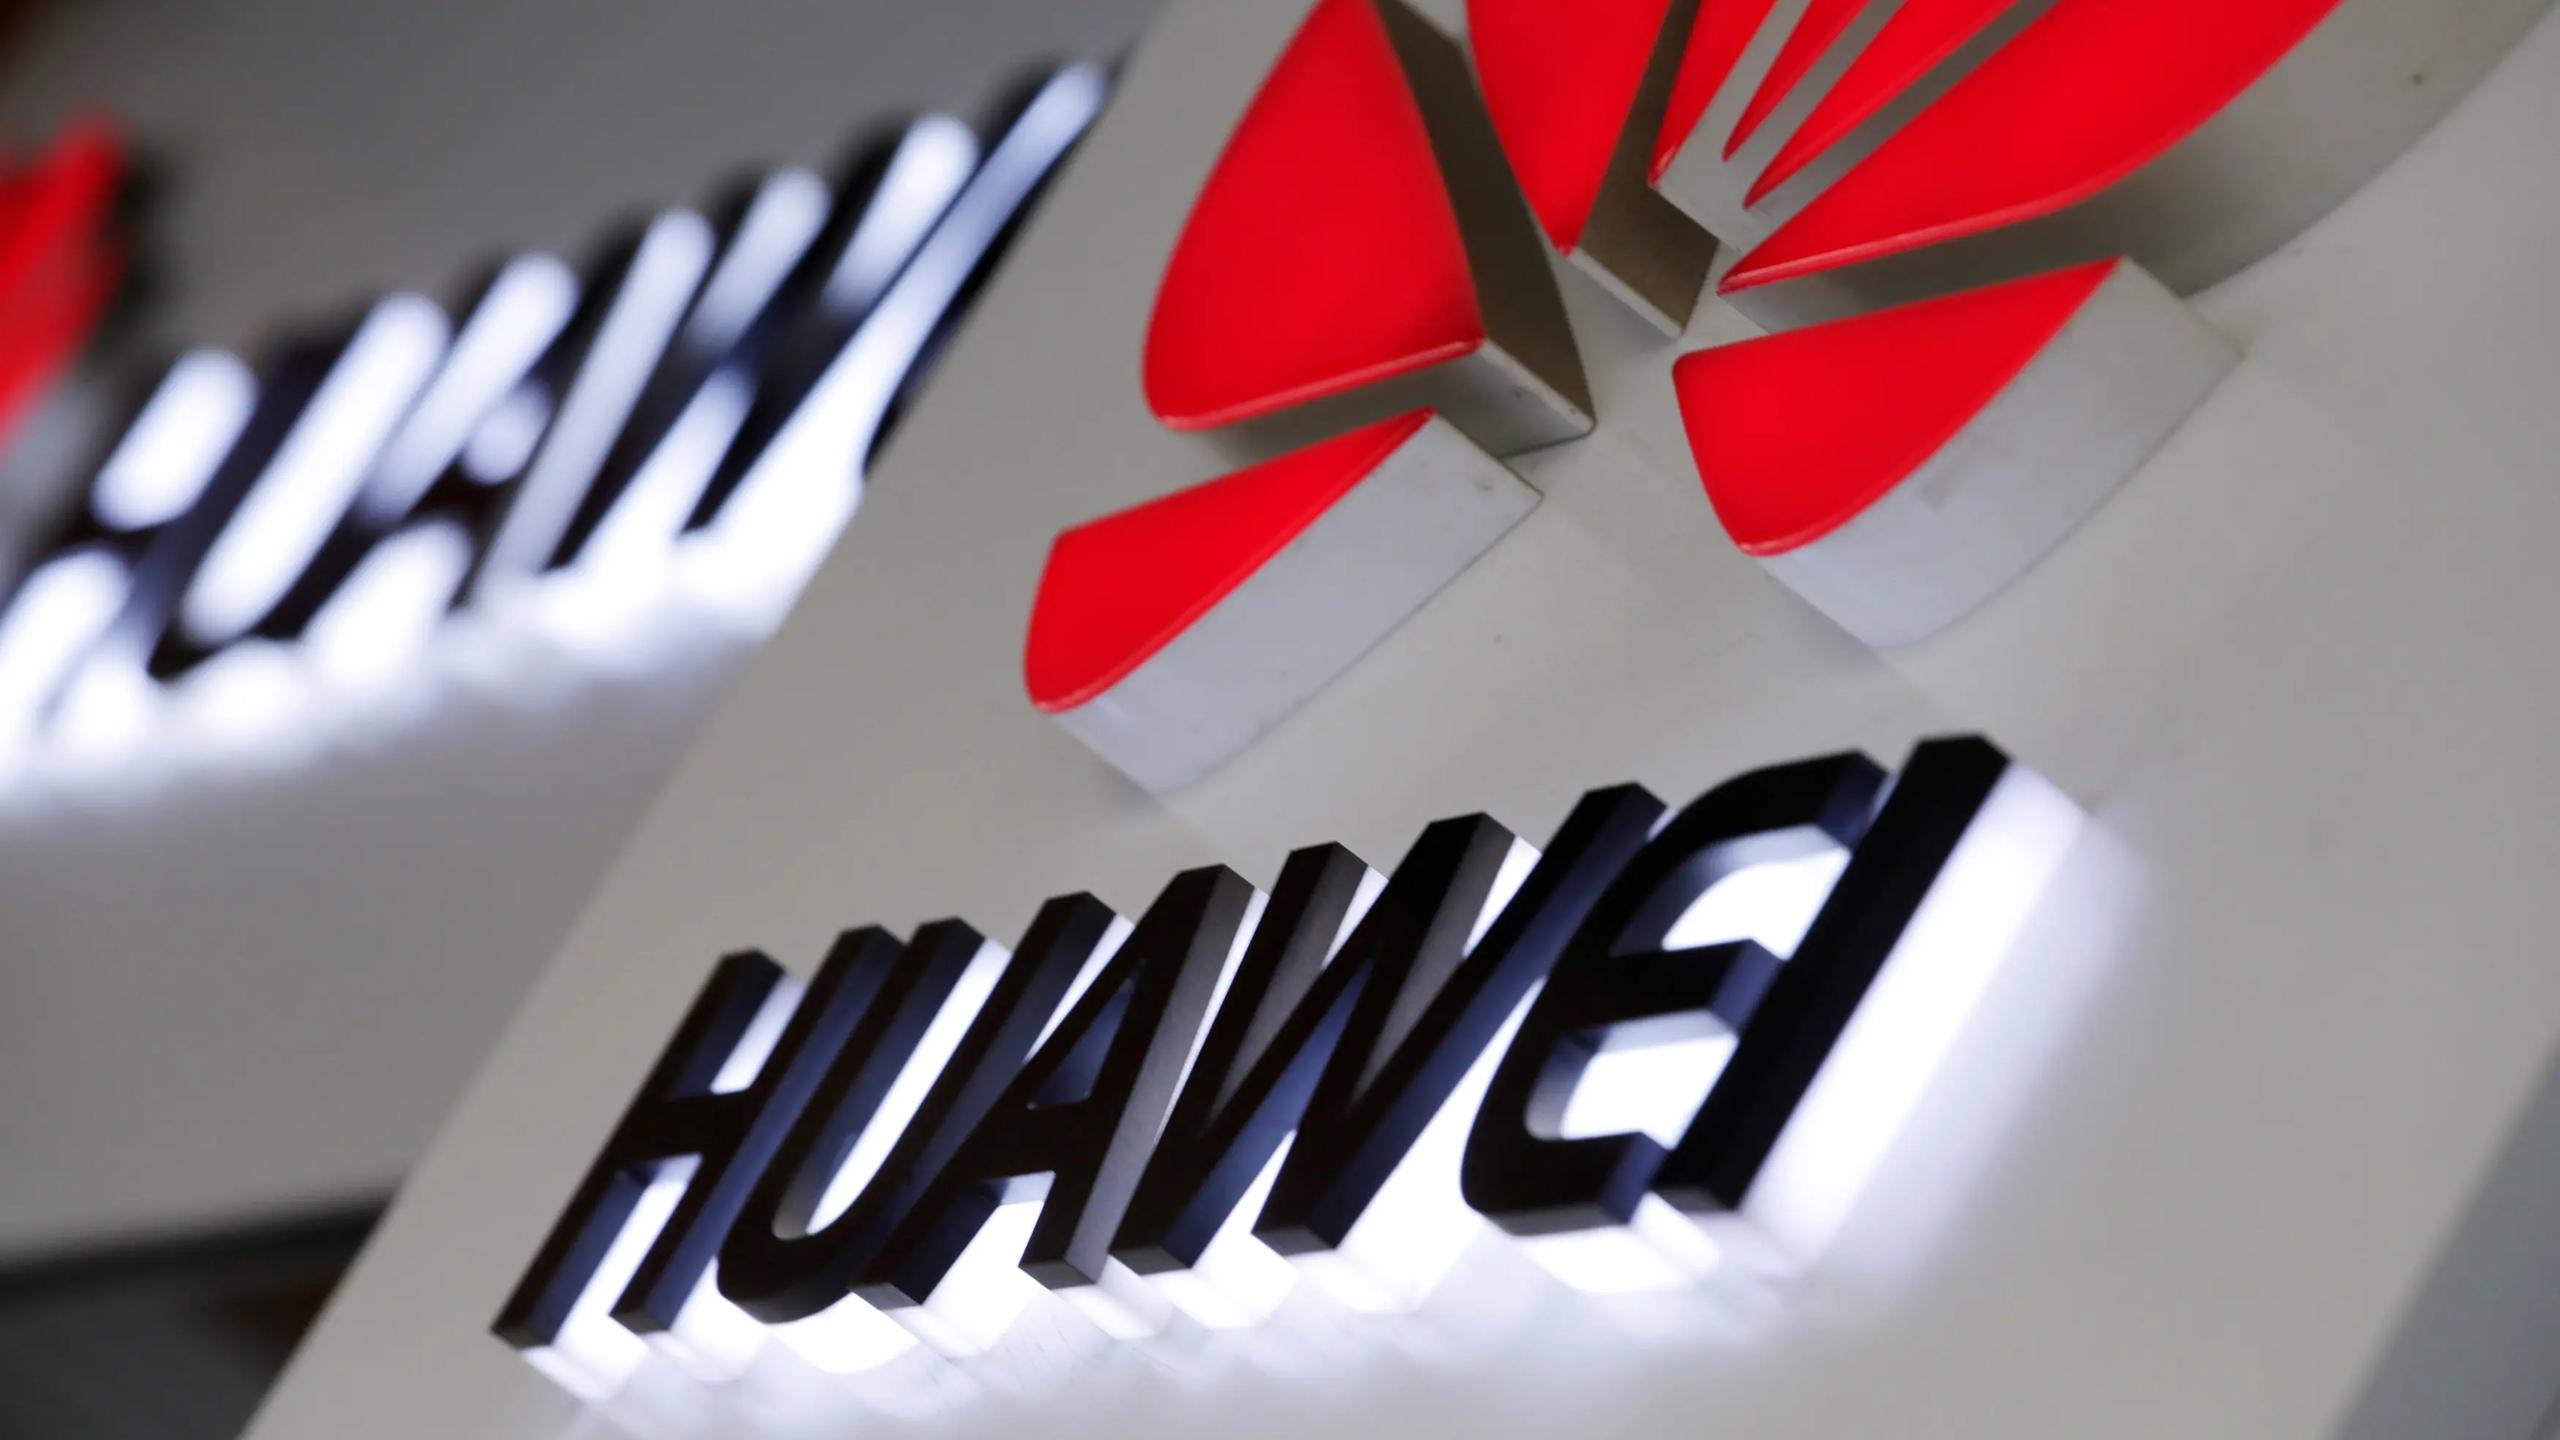 Estados Unidos quiere difamar porque no puede competir: Huawei